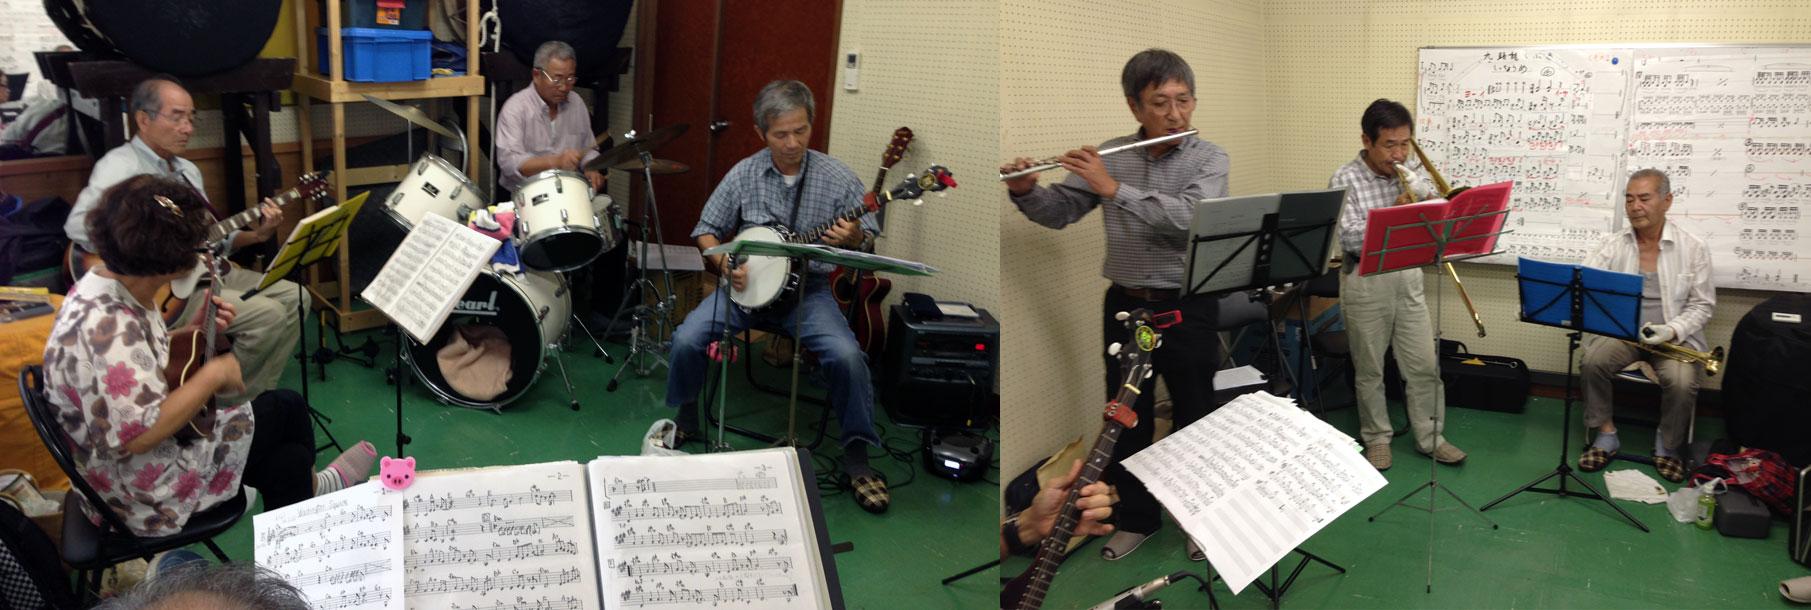 楽しい親父バンドの練習。発表は来年の五月だ。